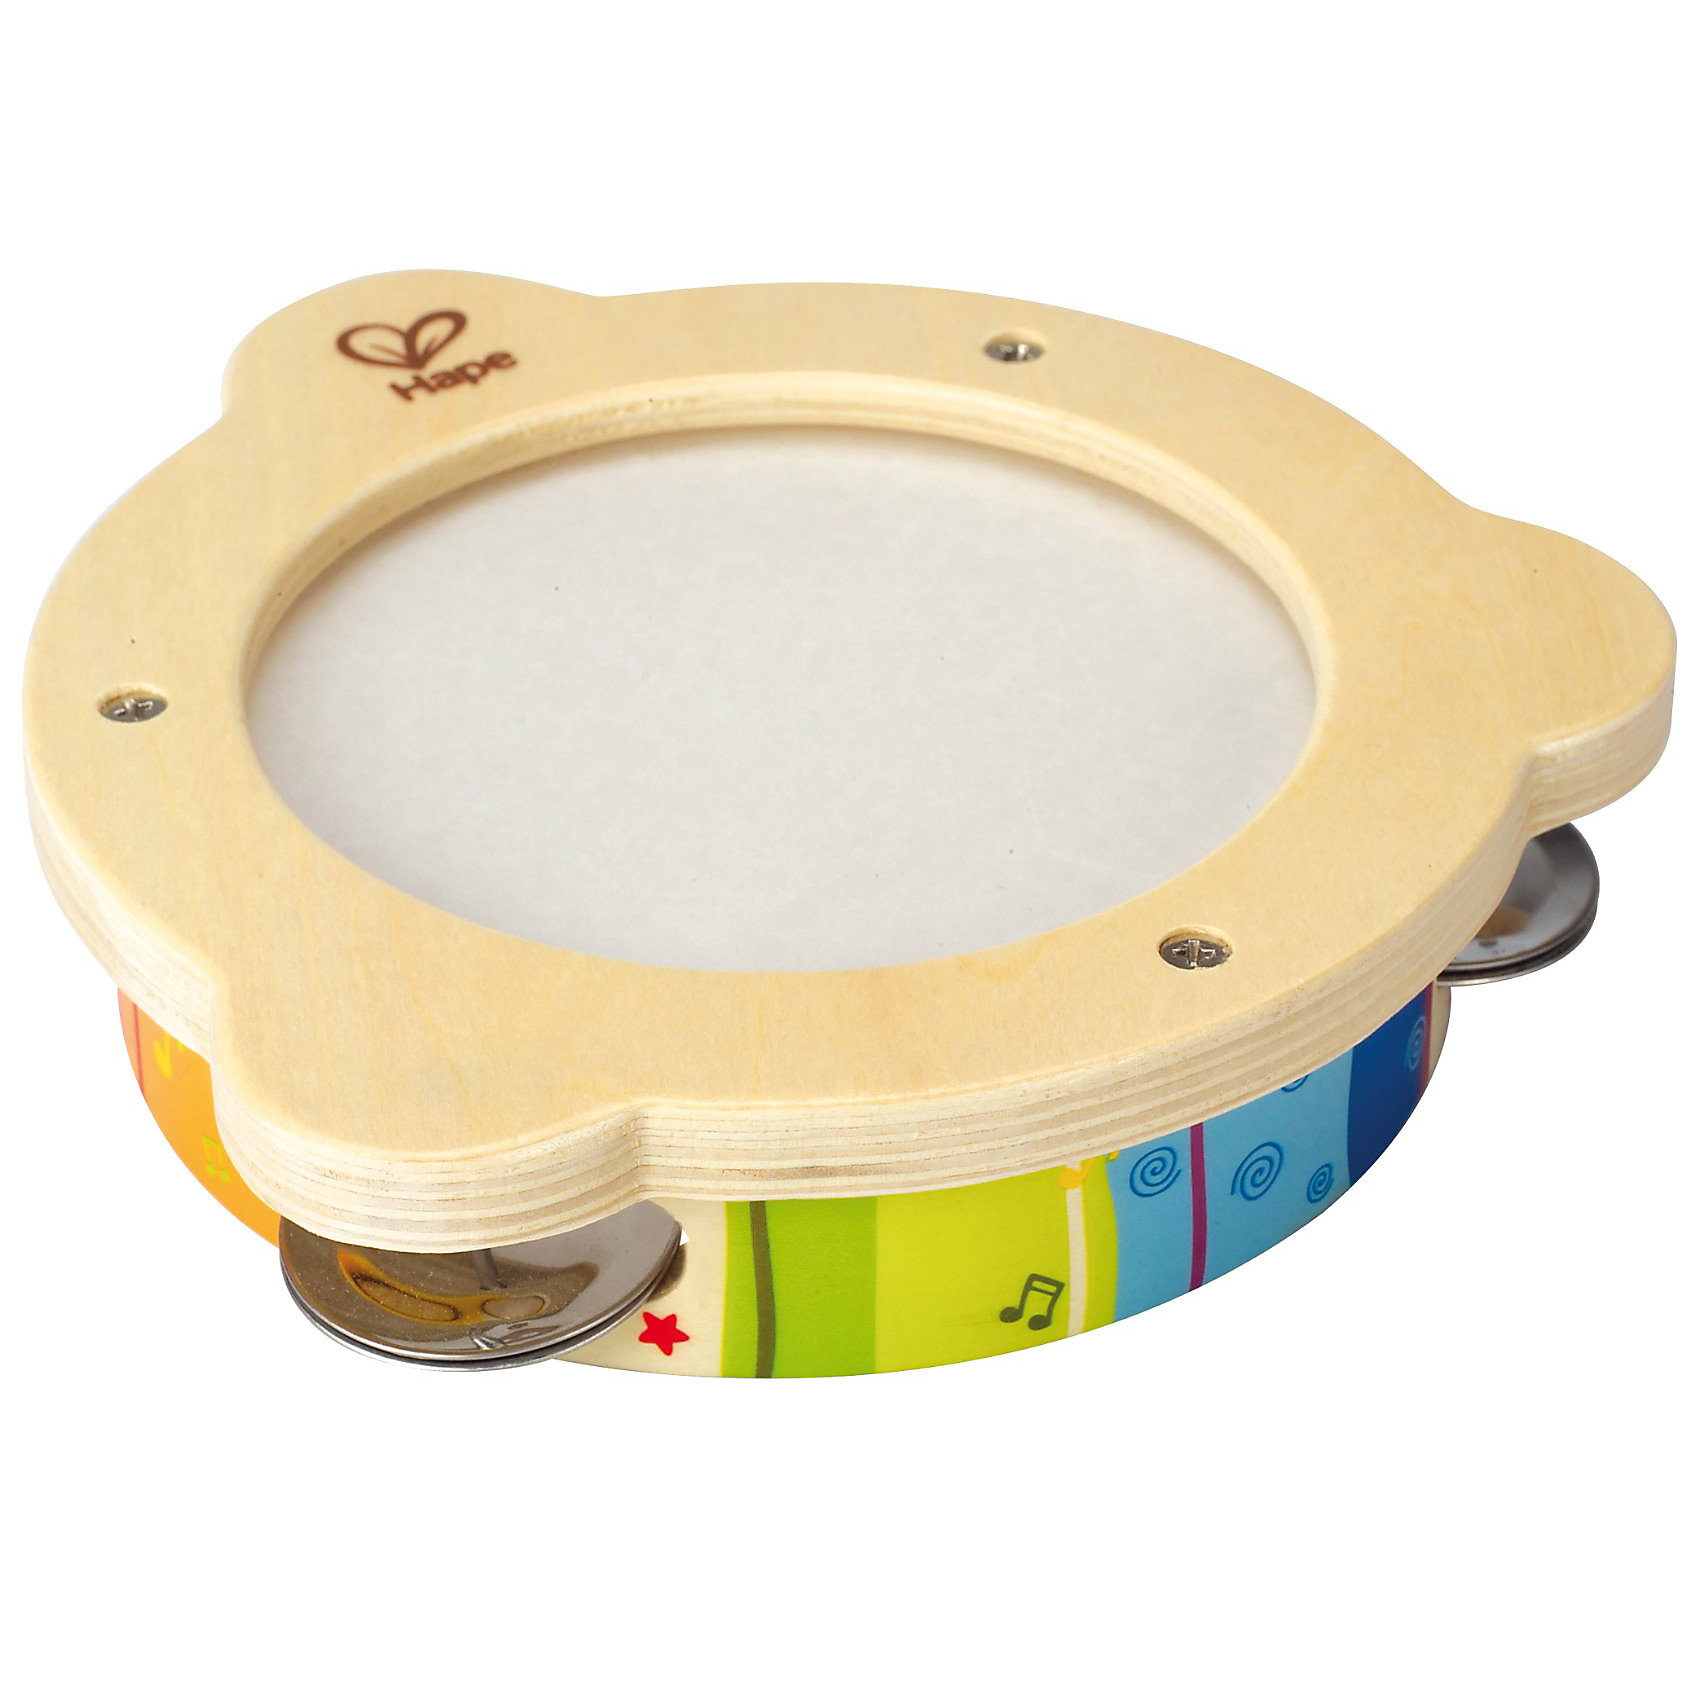 Игрушка Бубен, HapeДеревянные музыкальные игрушки<br>С помощью этой музыкальной игрушки ребенок сможет без труда создавать всевозможные звуки и задавать темп игры. При движении, на бубне перекатываются разноцветные пластинки, издавая ритмичный звук.<br>Игра на этом инструменте поможет развить музыкальный слух, и координацию движений рук ребенка.<br><br>Дополнительная информация:<br><br>- Возраст: от 1 до 5 лет<br>- Материал: пластик, дерево<br>- Размеры: 17х17х3 см<br>- Вес: 0.1 кг<br><br>Игрушку Бубен, Hape можно купить в нашем интернет-магазине.<br><br>Ширина мм: 185<br>Глубина мм: 182<br>Высота мм: 66<br>Вес г: 231<br>Возраст от месяцев: 12<br>Возраст до месяцев: 36<br>Пол: Унисекс<br>Возраст: Детский<br>SKU: 2416653